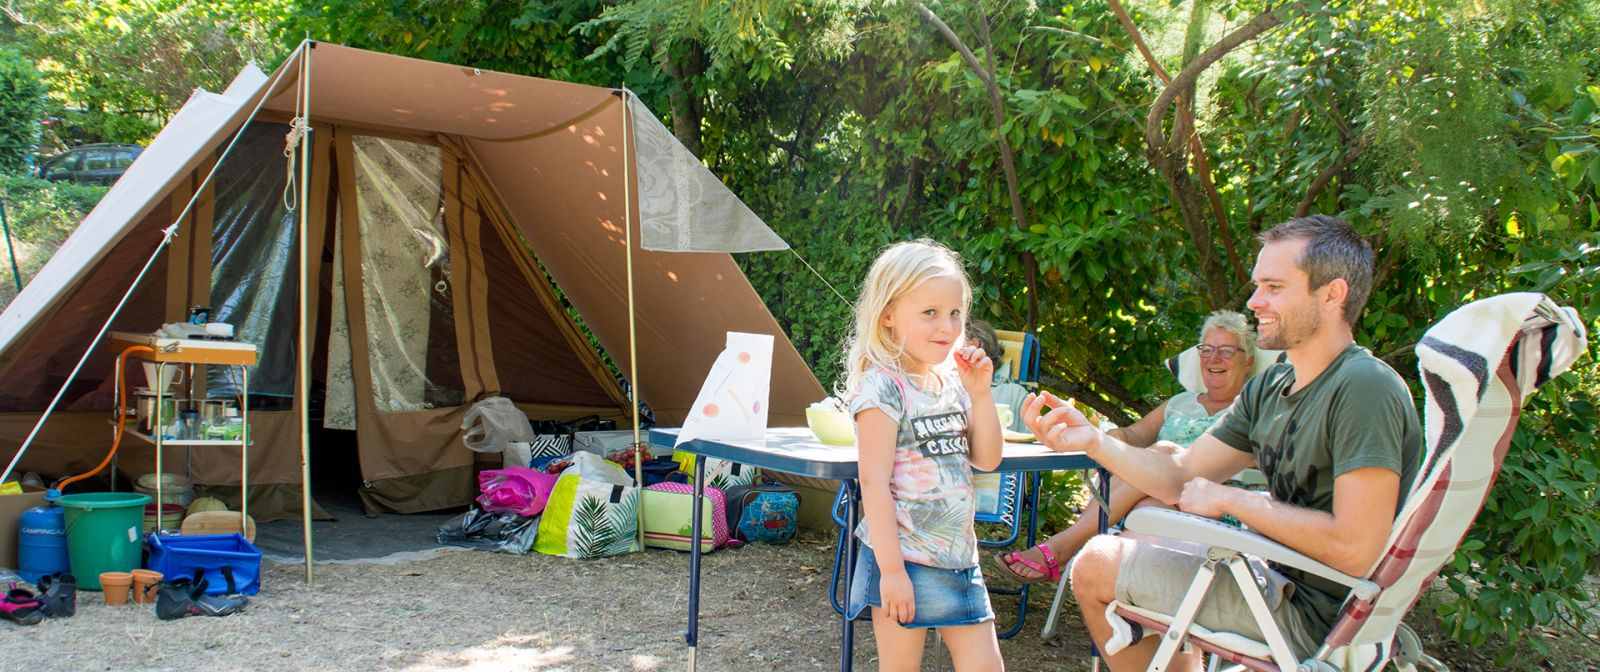 vacances en camping dans le verdon